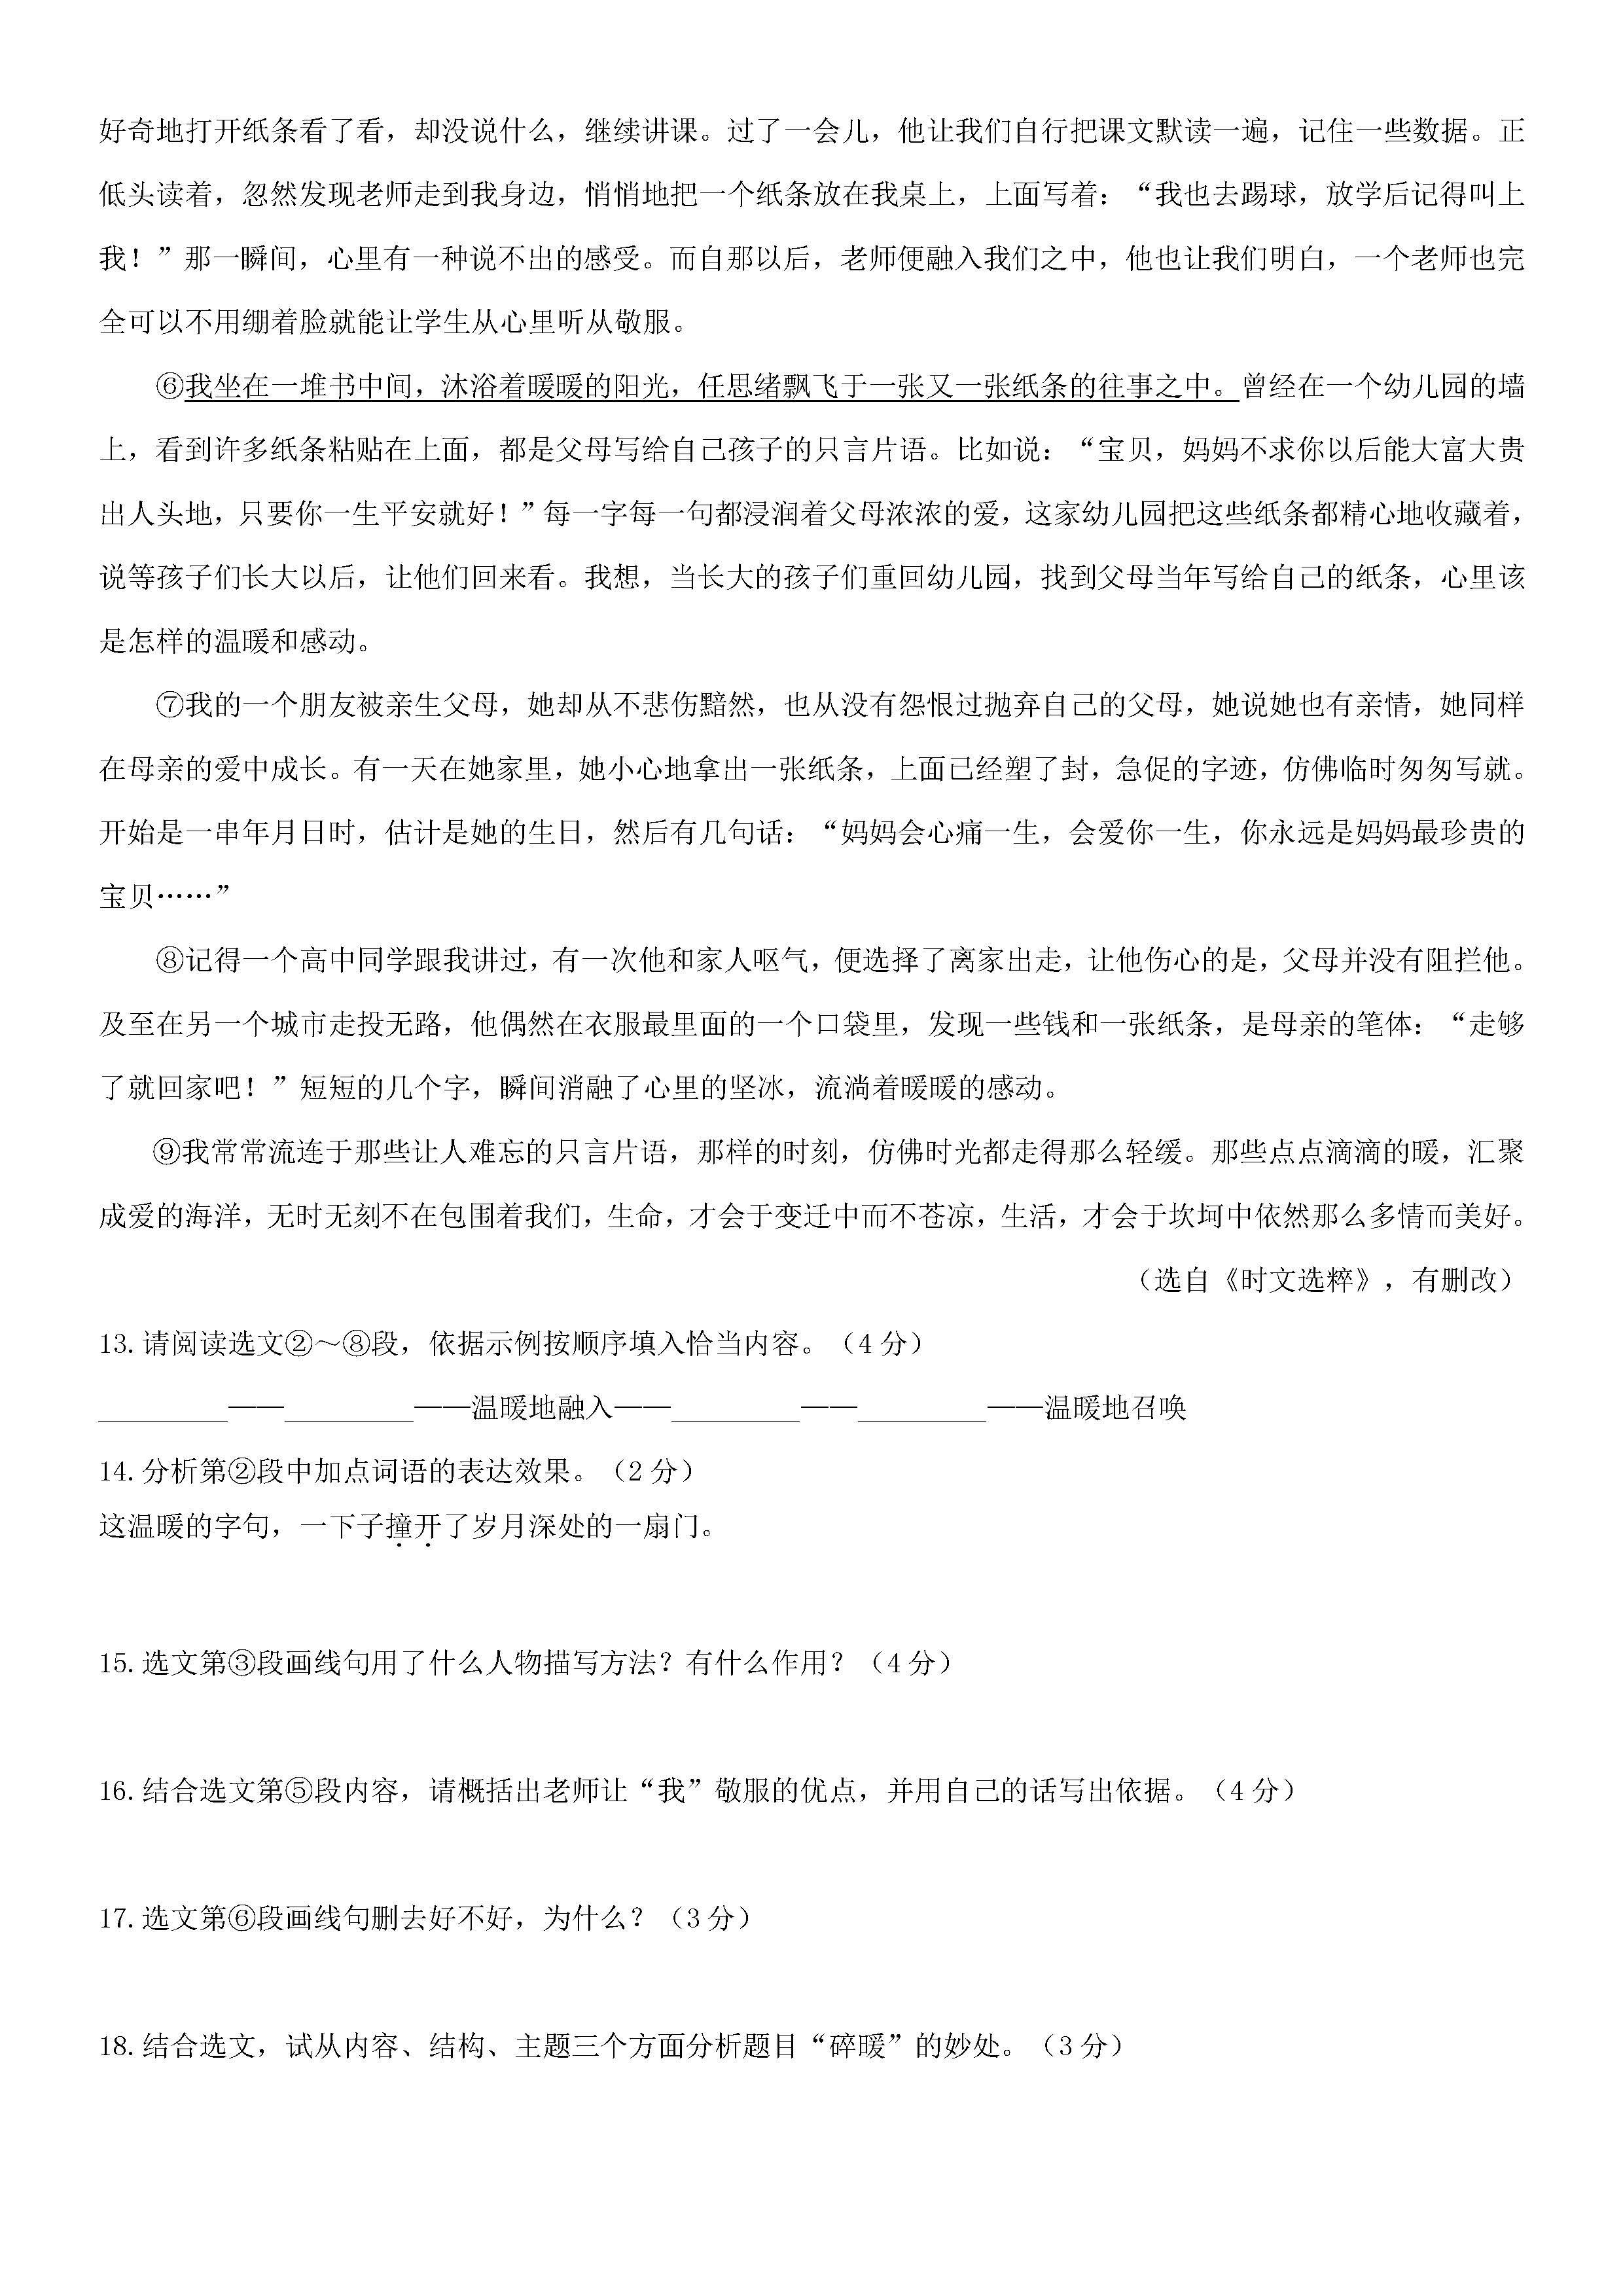 2018沈阳中考语文试题及答案解析